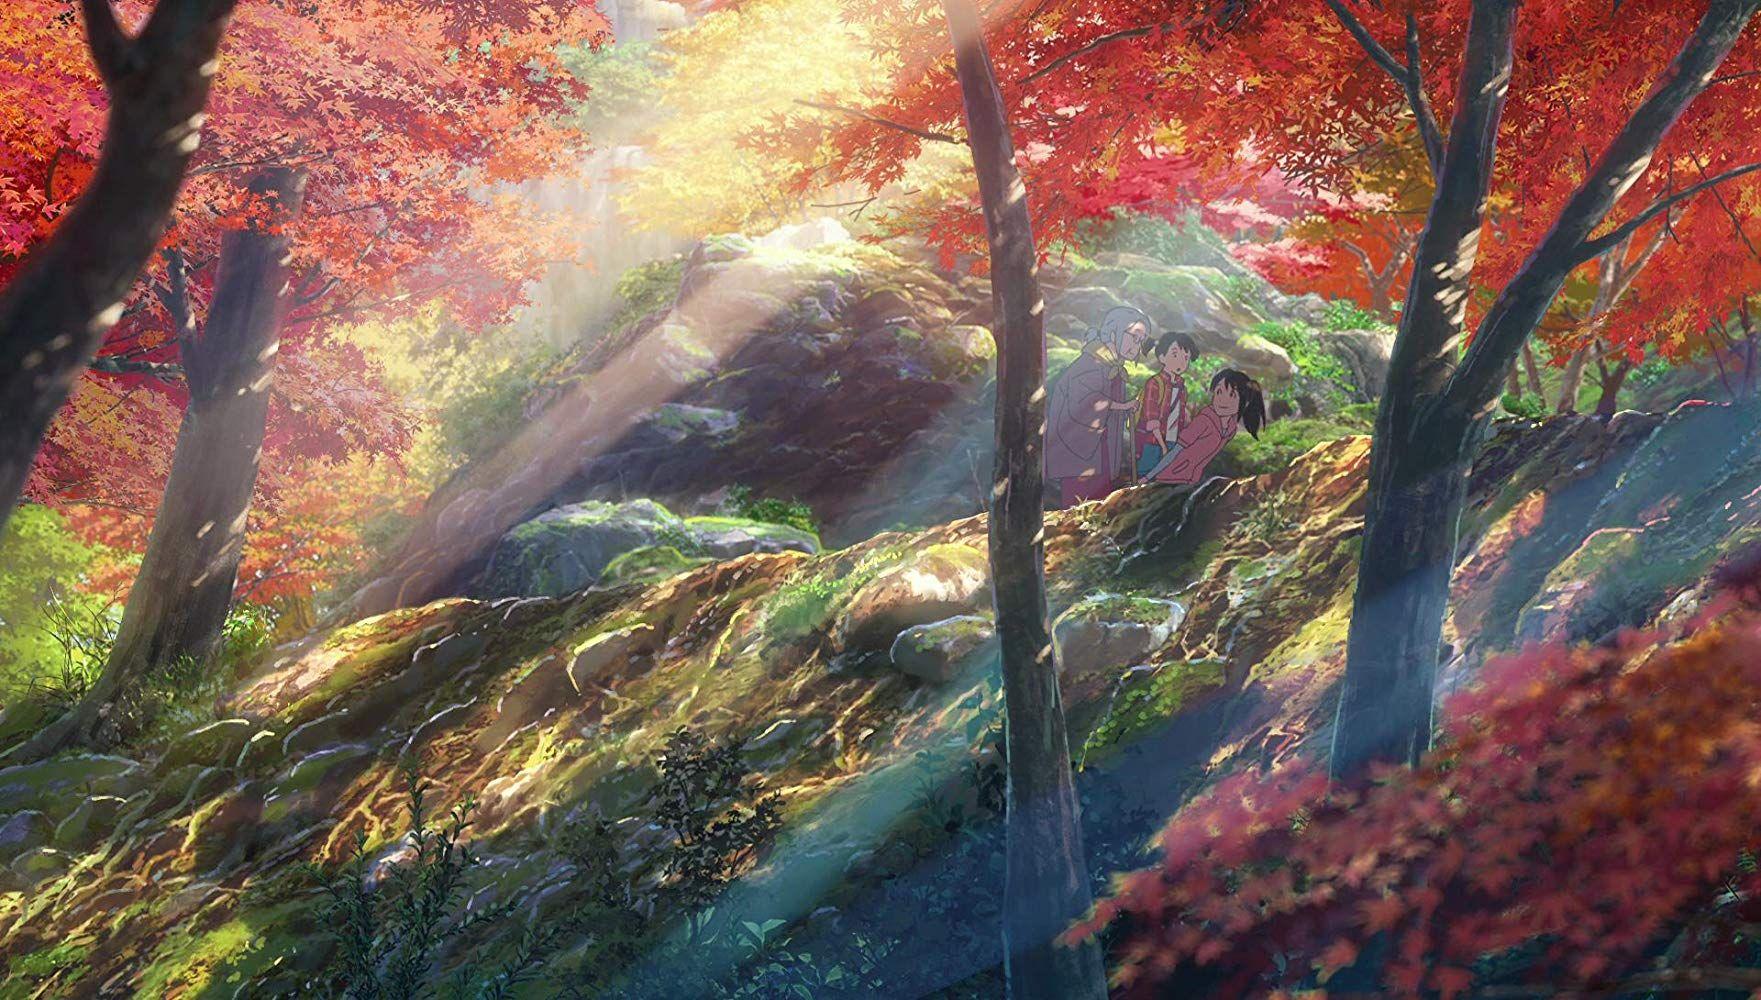 Your Name. (2016) Anime scenery, Kimi no na wa, Background